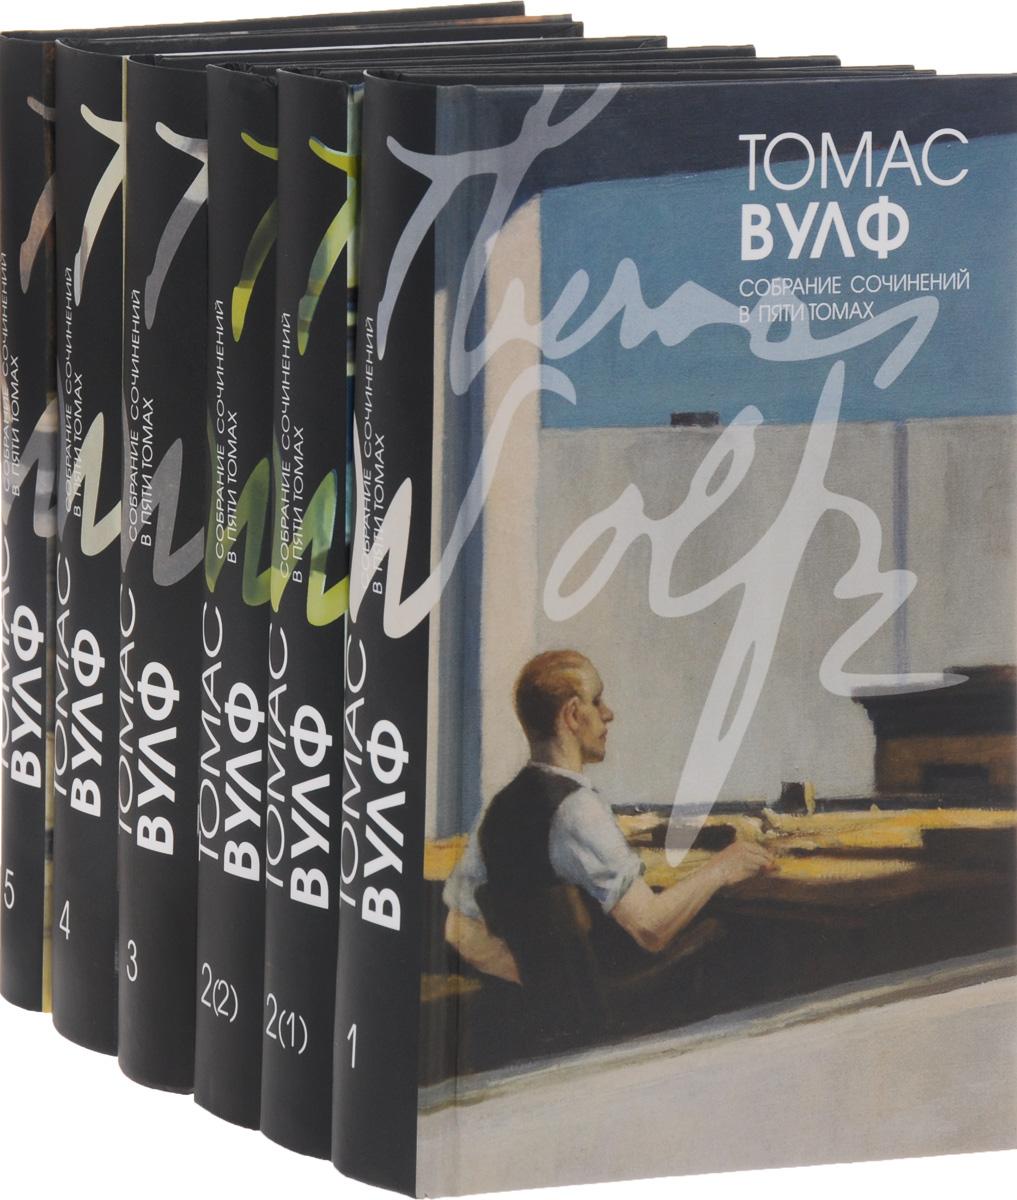 Томас Вулф Томас Вулф. Собрание сочинений в 5 томах (комплект из 6 книг) о времени и о реке